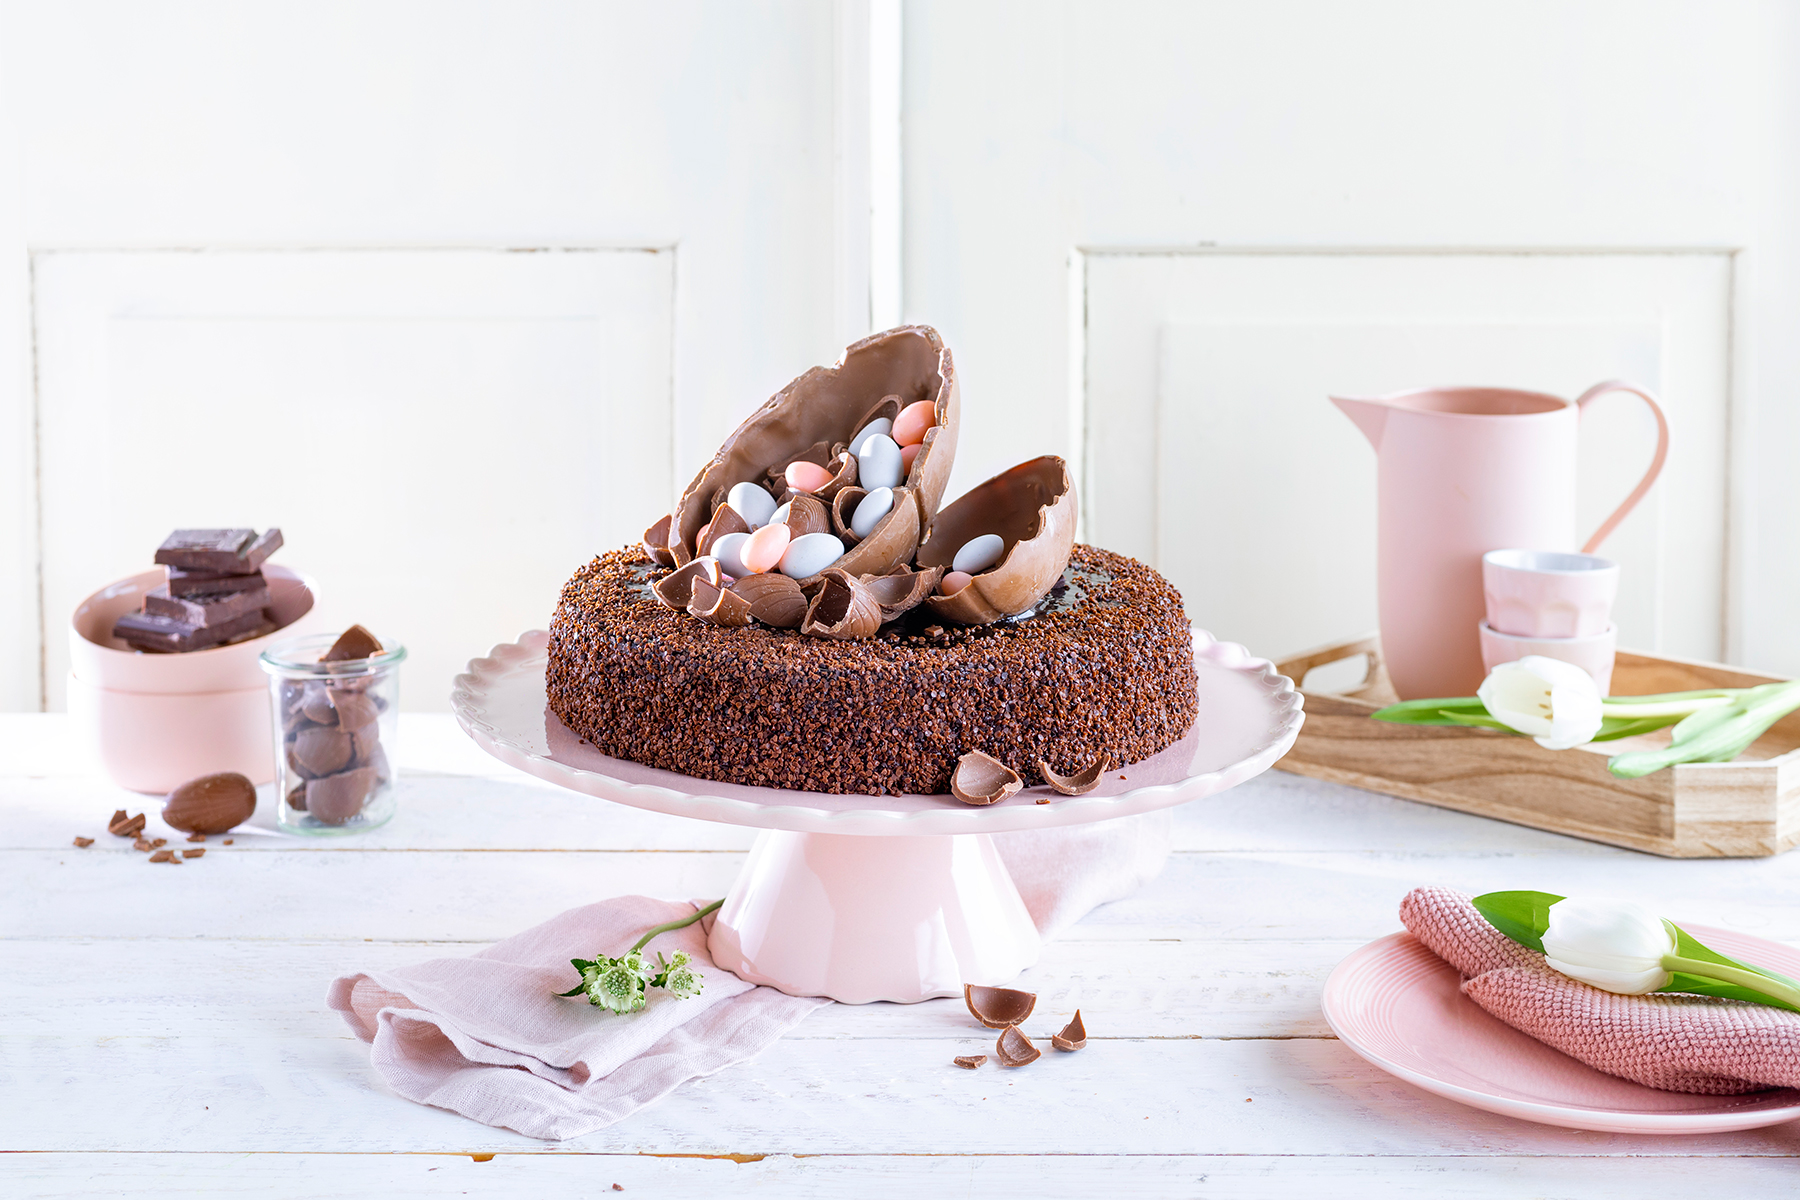 Mousse au Chocolat-Torte simpel mit Eiern gepimpt!